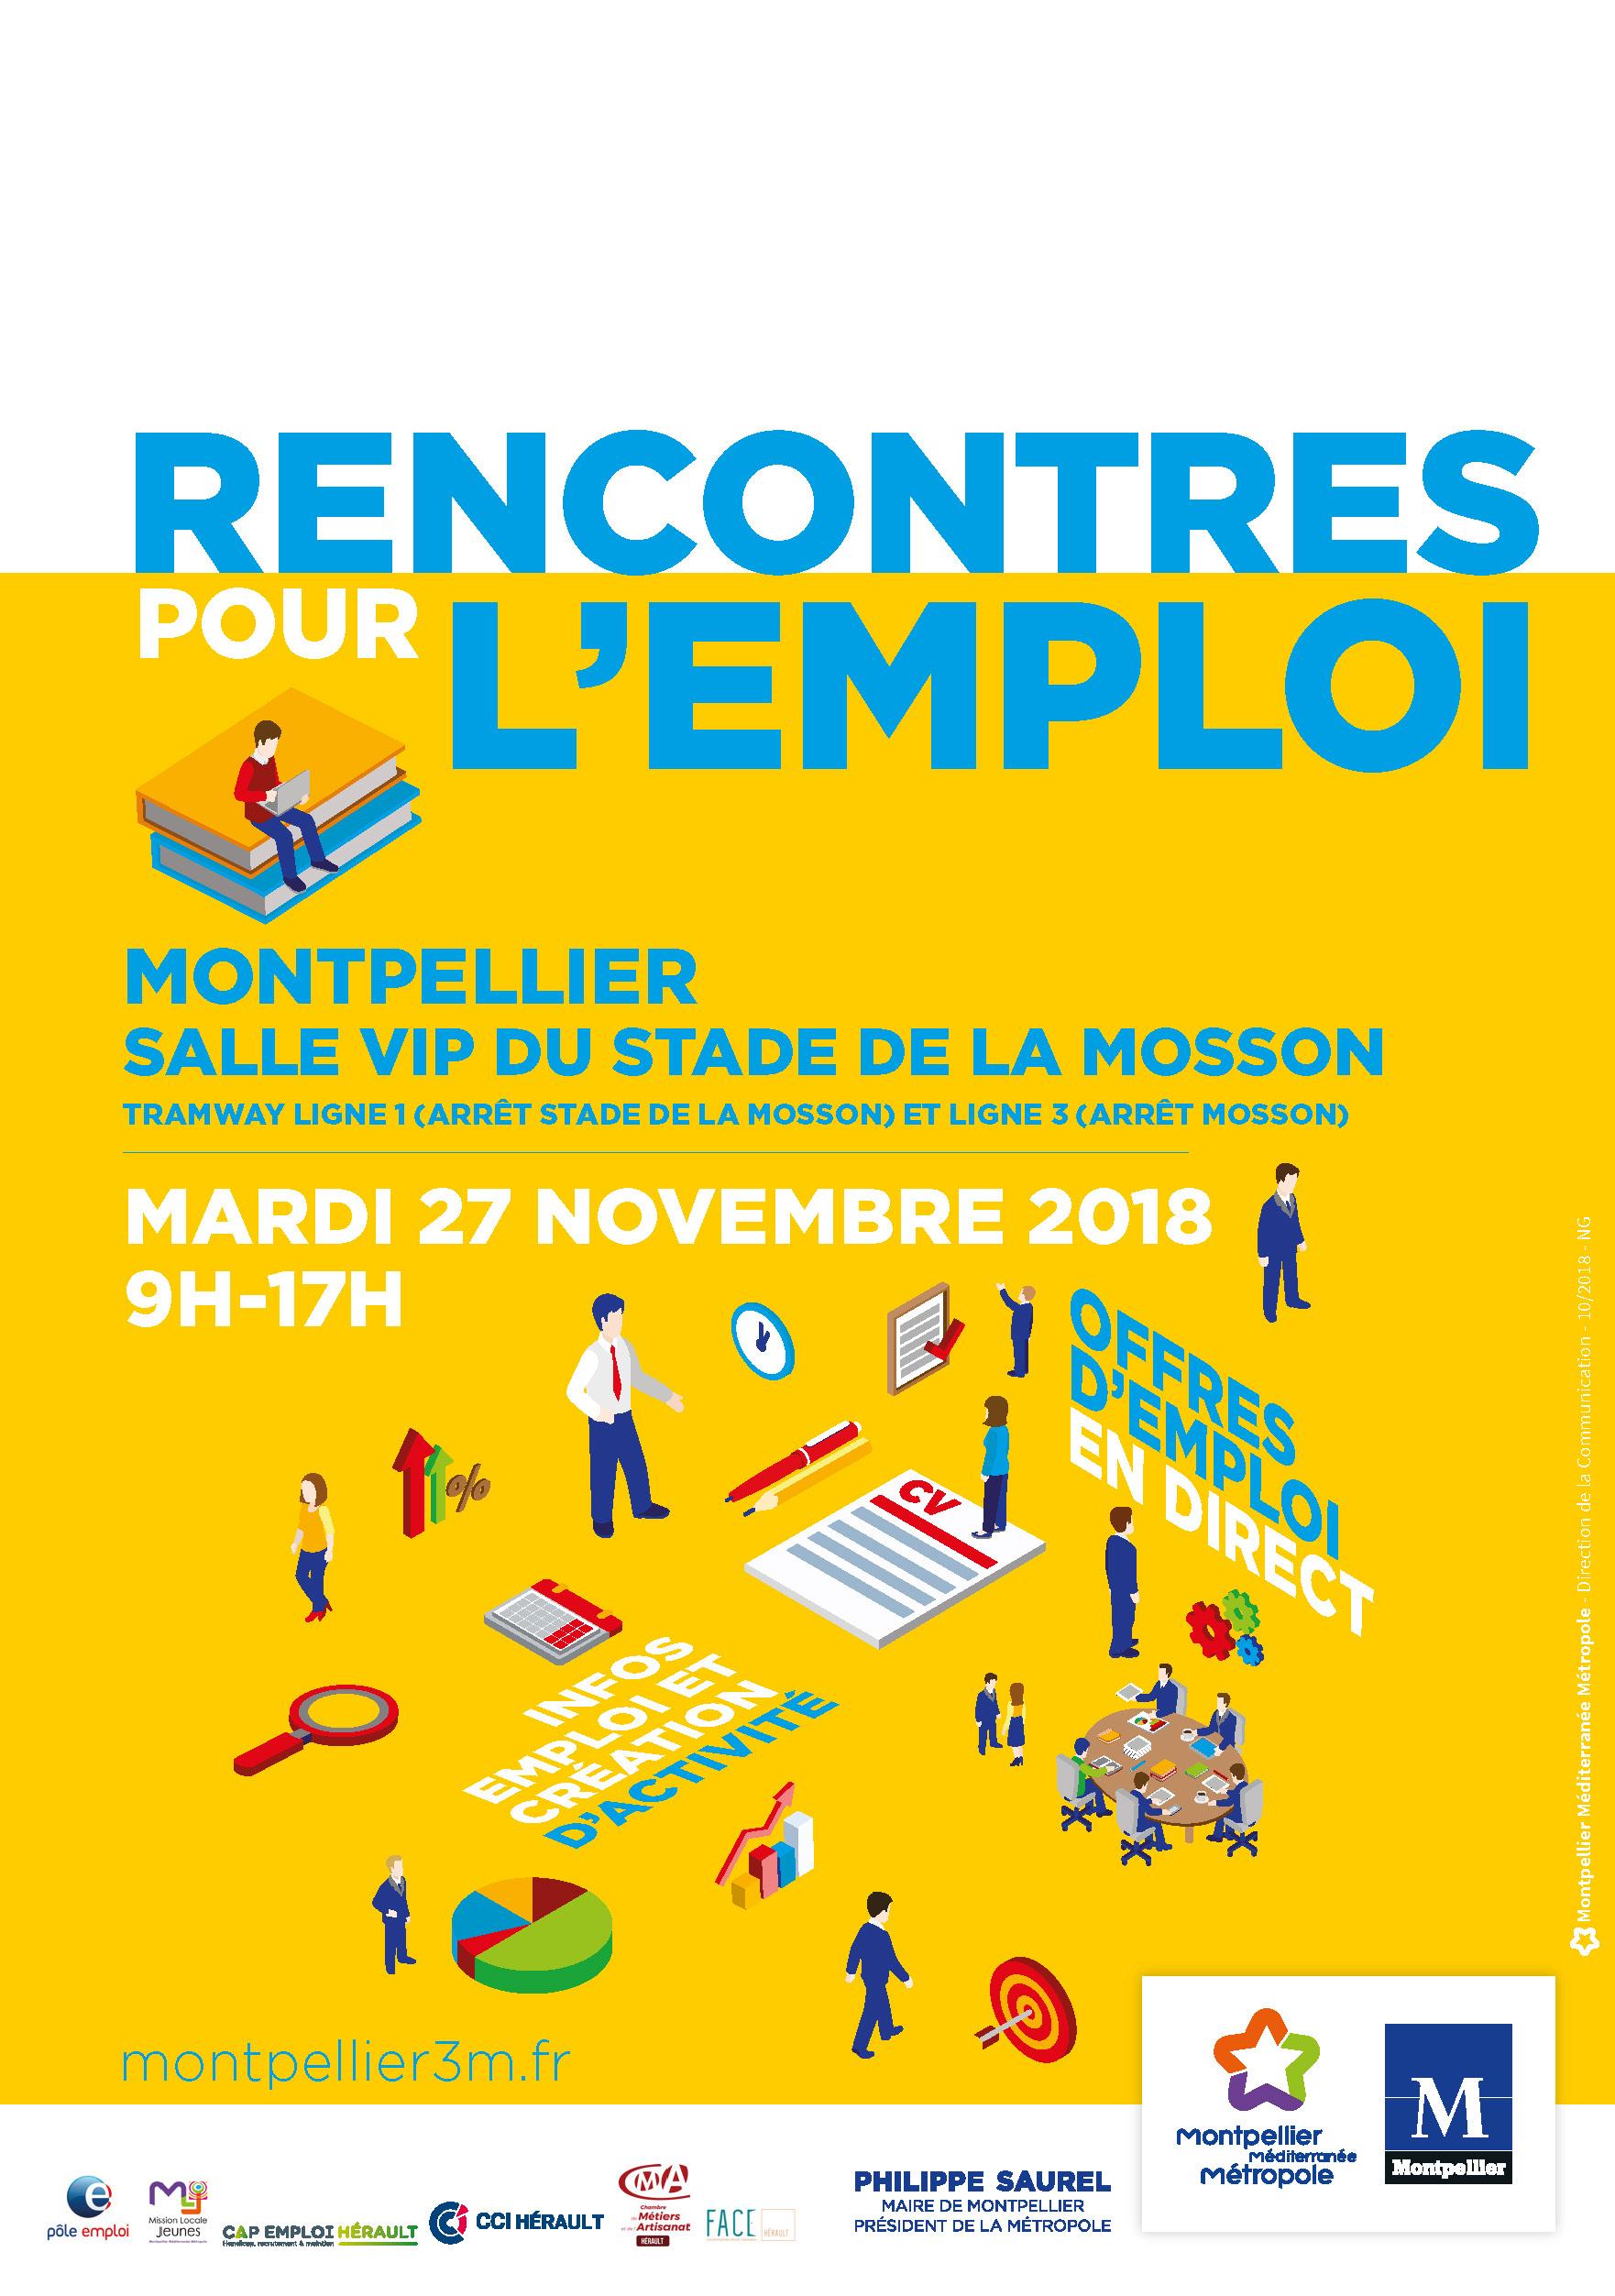 Rencontres pour l'emploi 2018 - Montpellier salle VIP du stade de la Mosson Mardi 27 Novembre de 9h à 17h